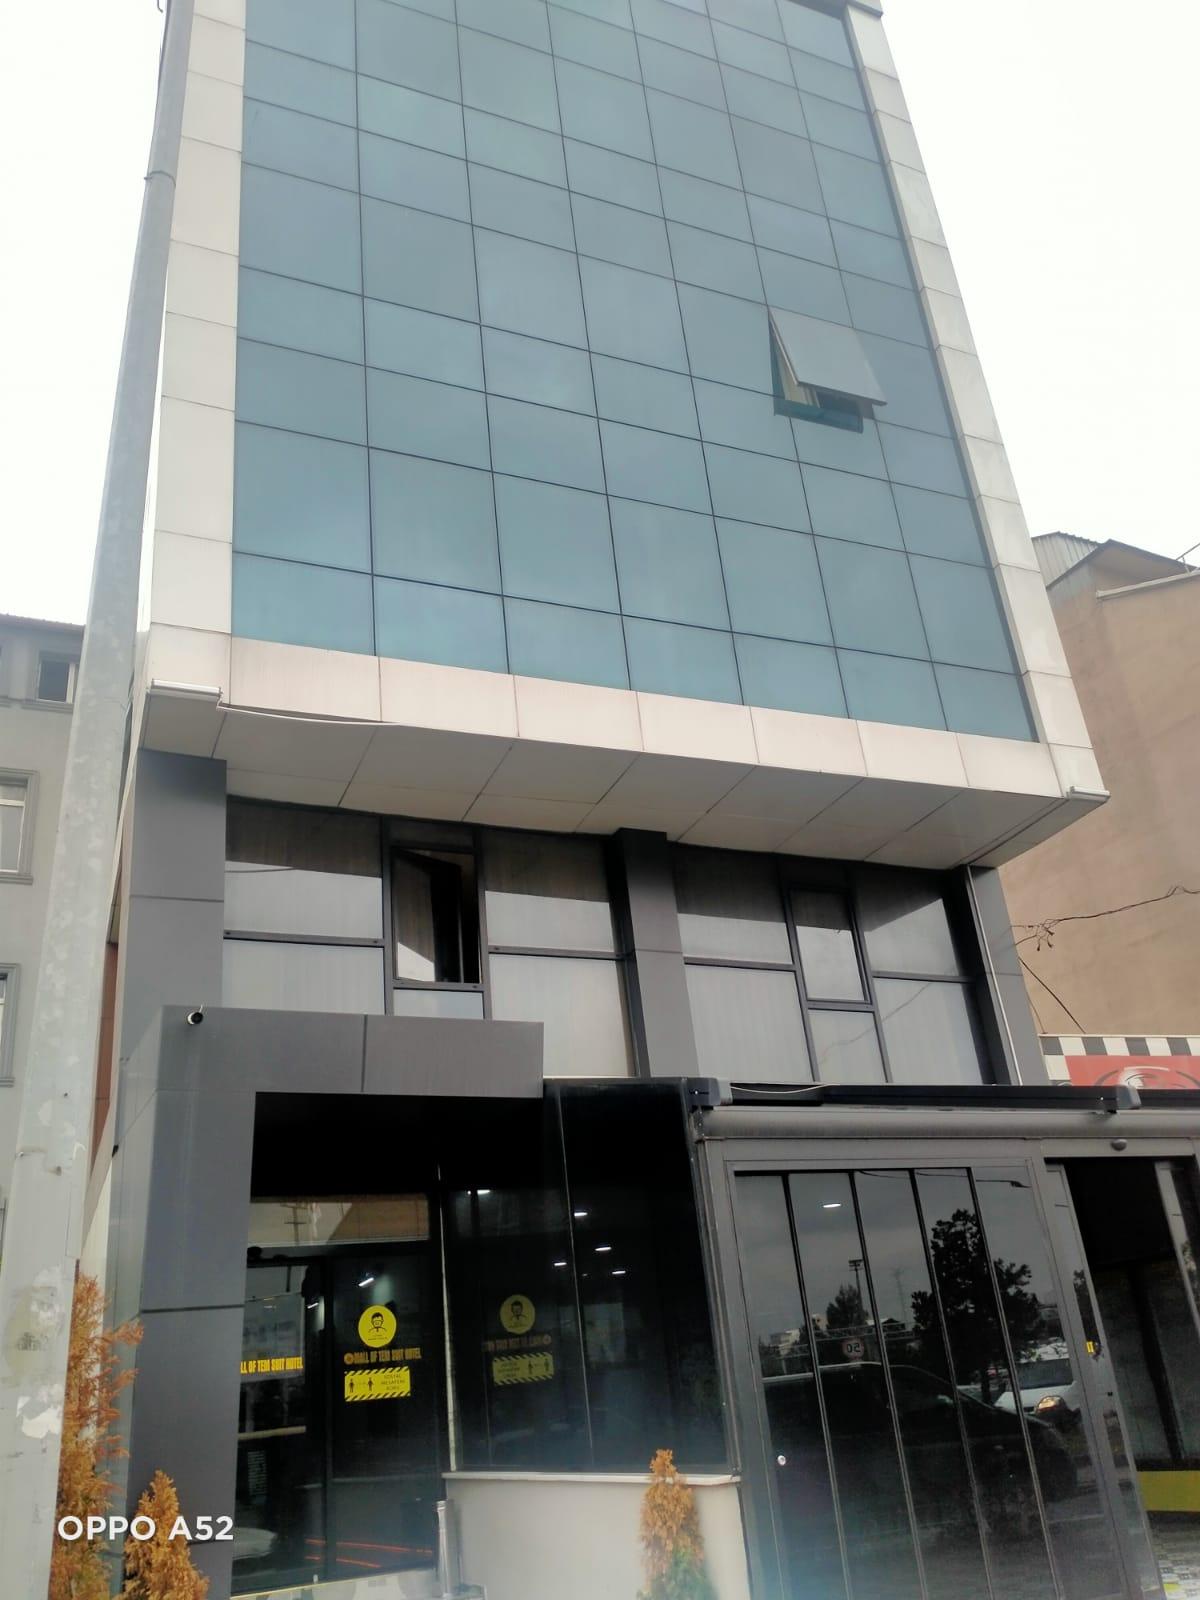 فندق للاستثمار في باشاك شاهير